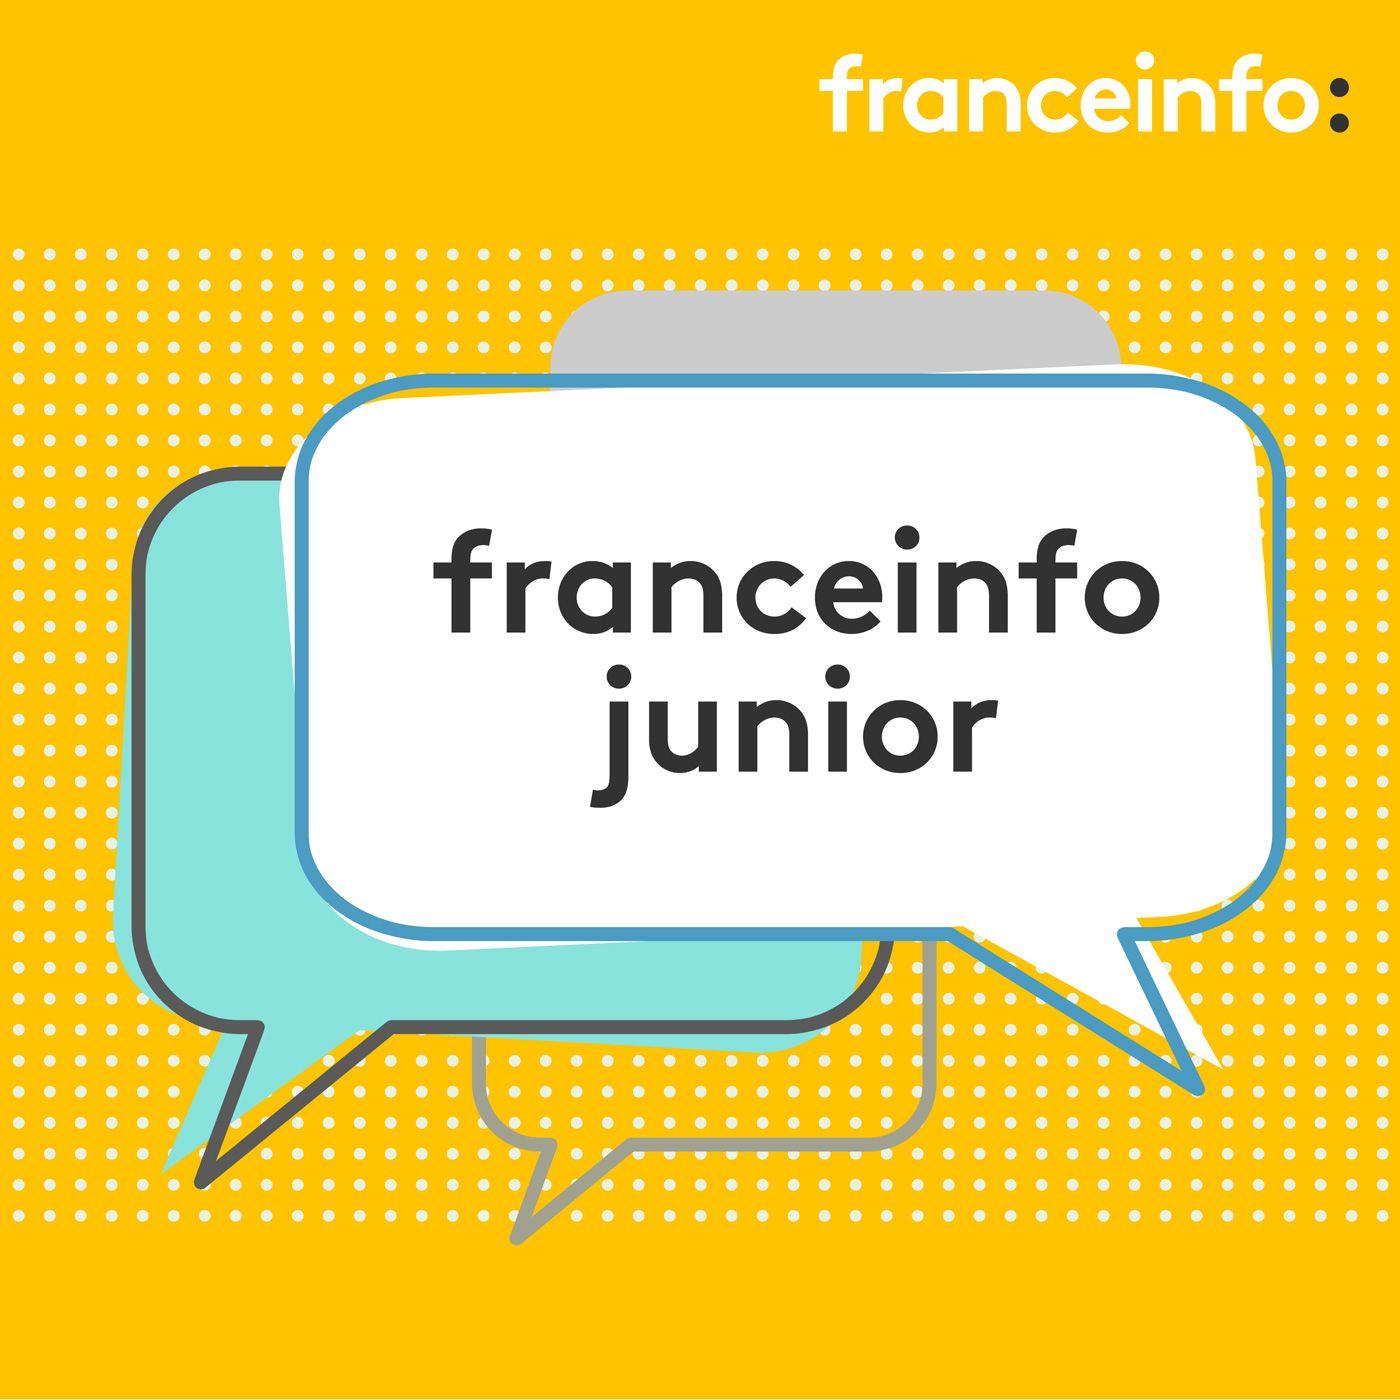 Image 1: franceinfo junior